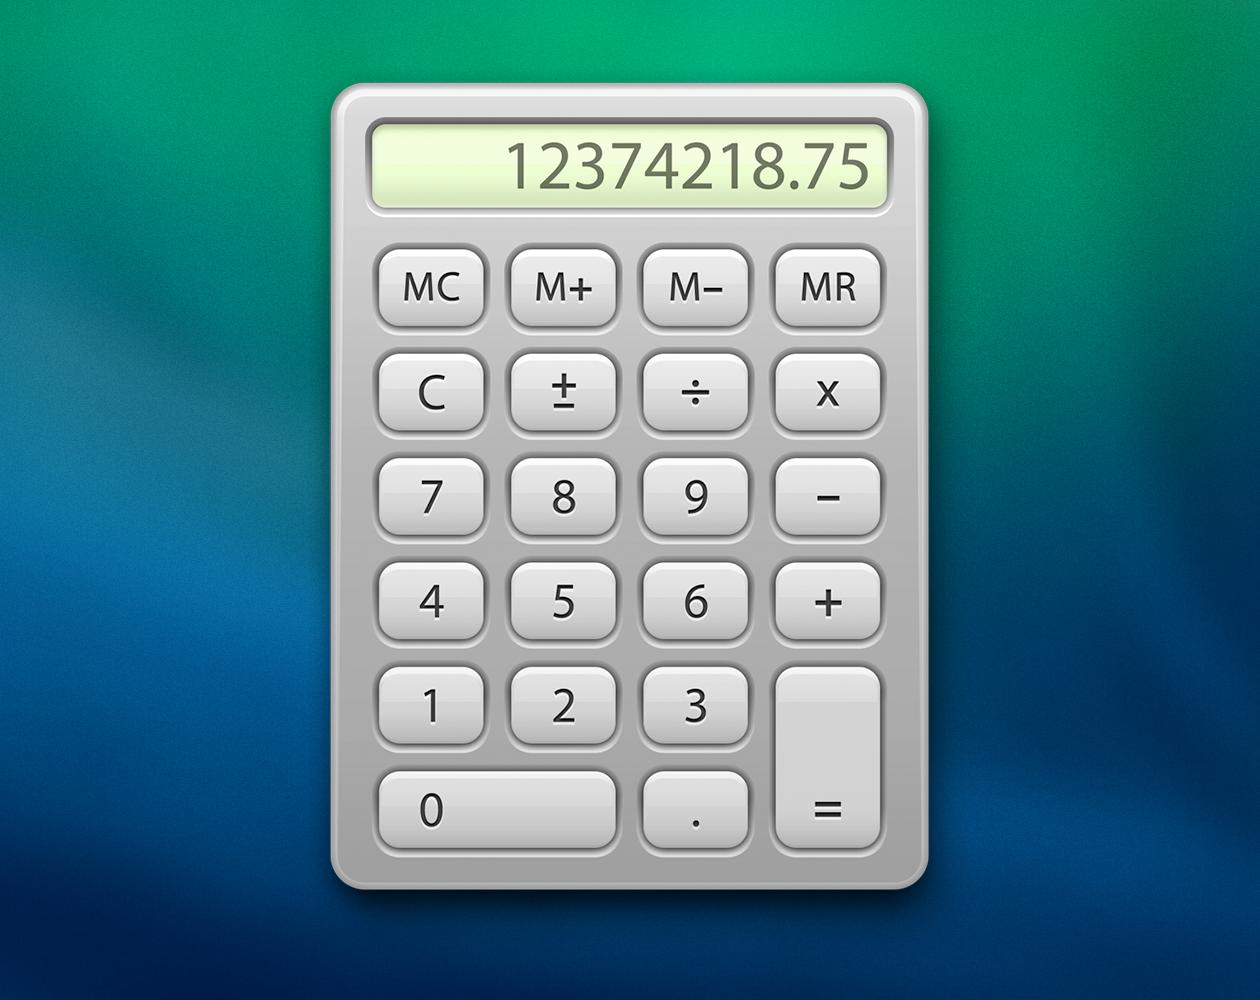 Как конвертировать валюты и величины в стандартном калькуляторе OS X